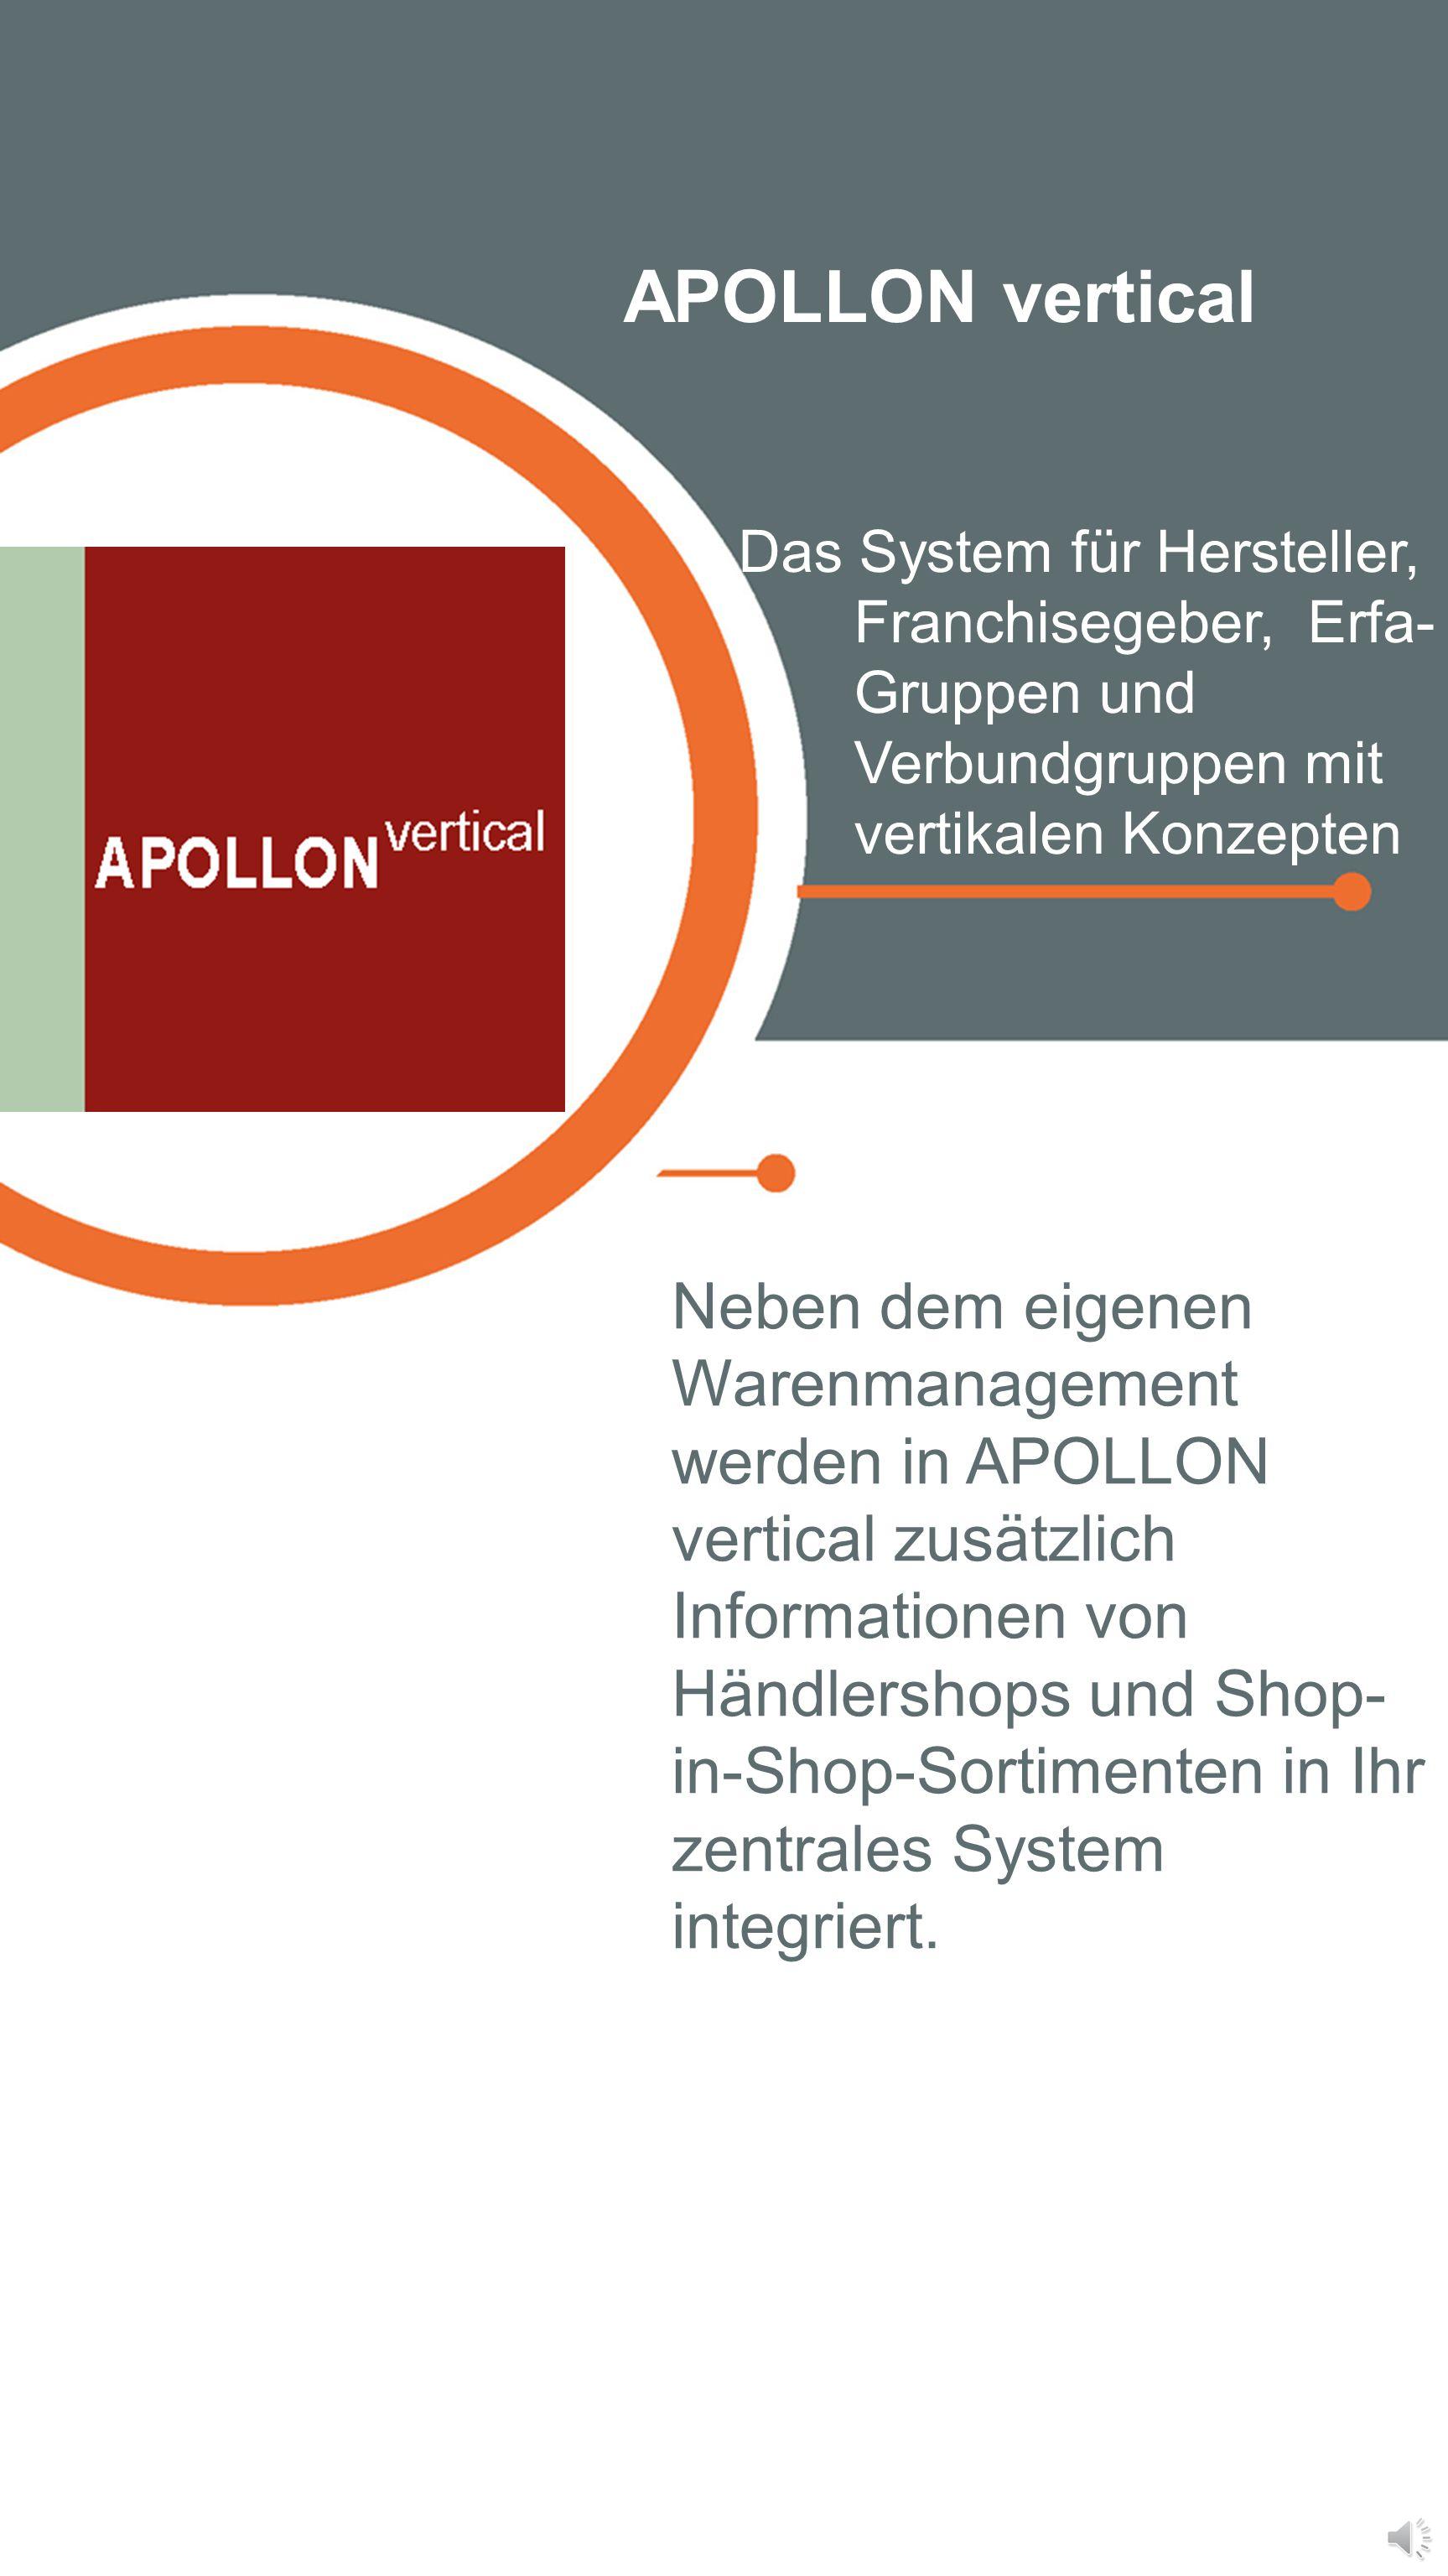 APOLLON online Die mobile Version der APOLLON Warenwirtschaft Auf APOLLON online können Sie jederzeit von jedem Ort und mit jedem internetfähigen Endg